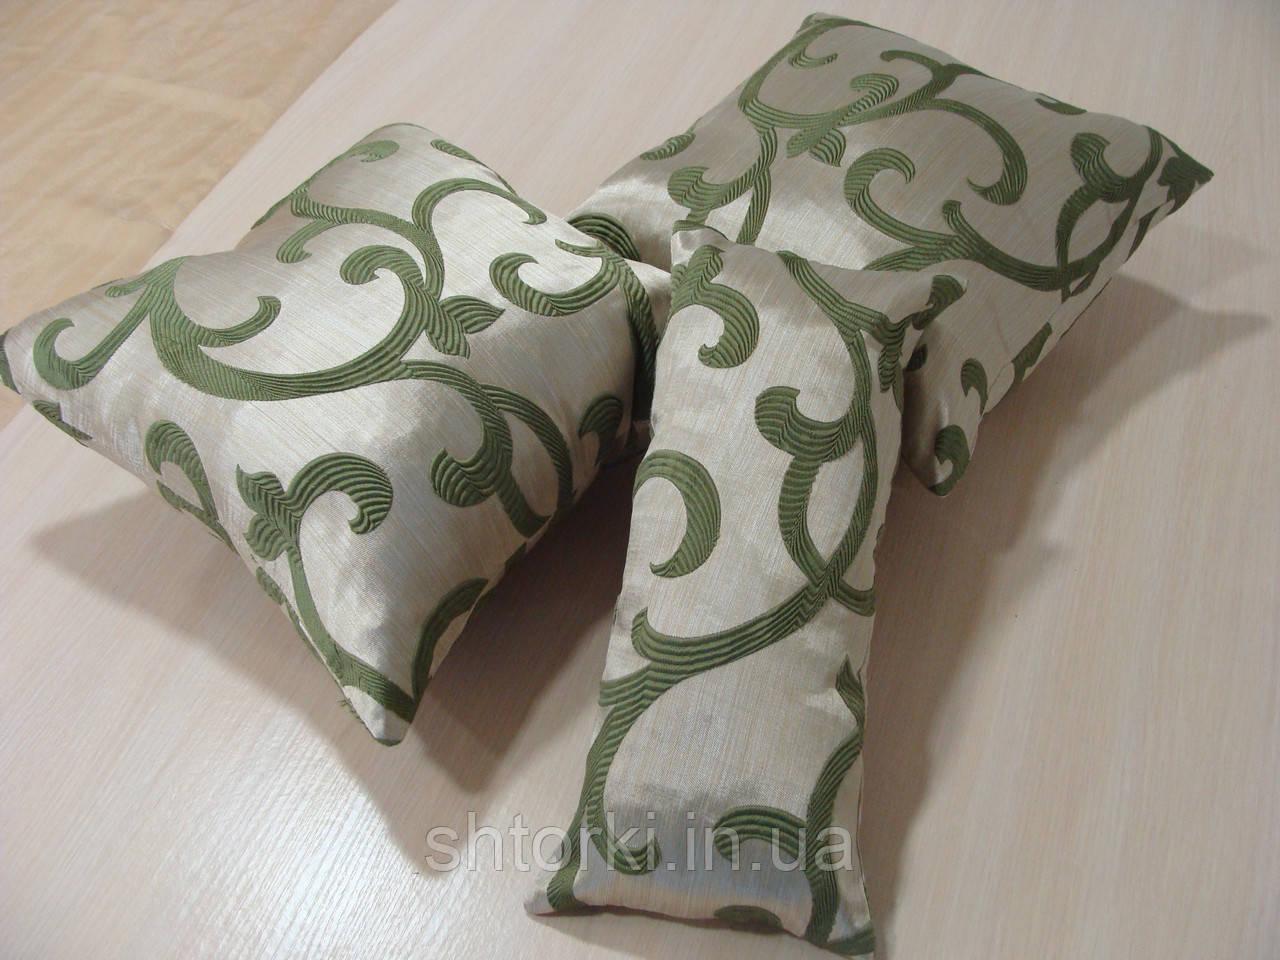 Комплект подушек  бежевые с зеленым вензелем, 3шт